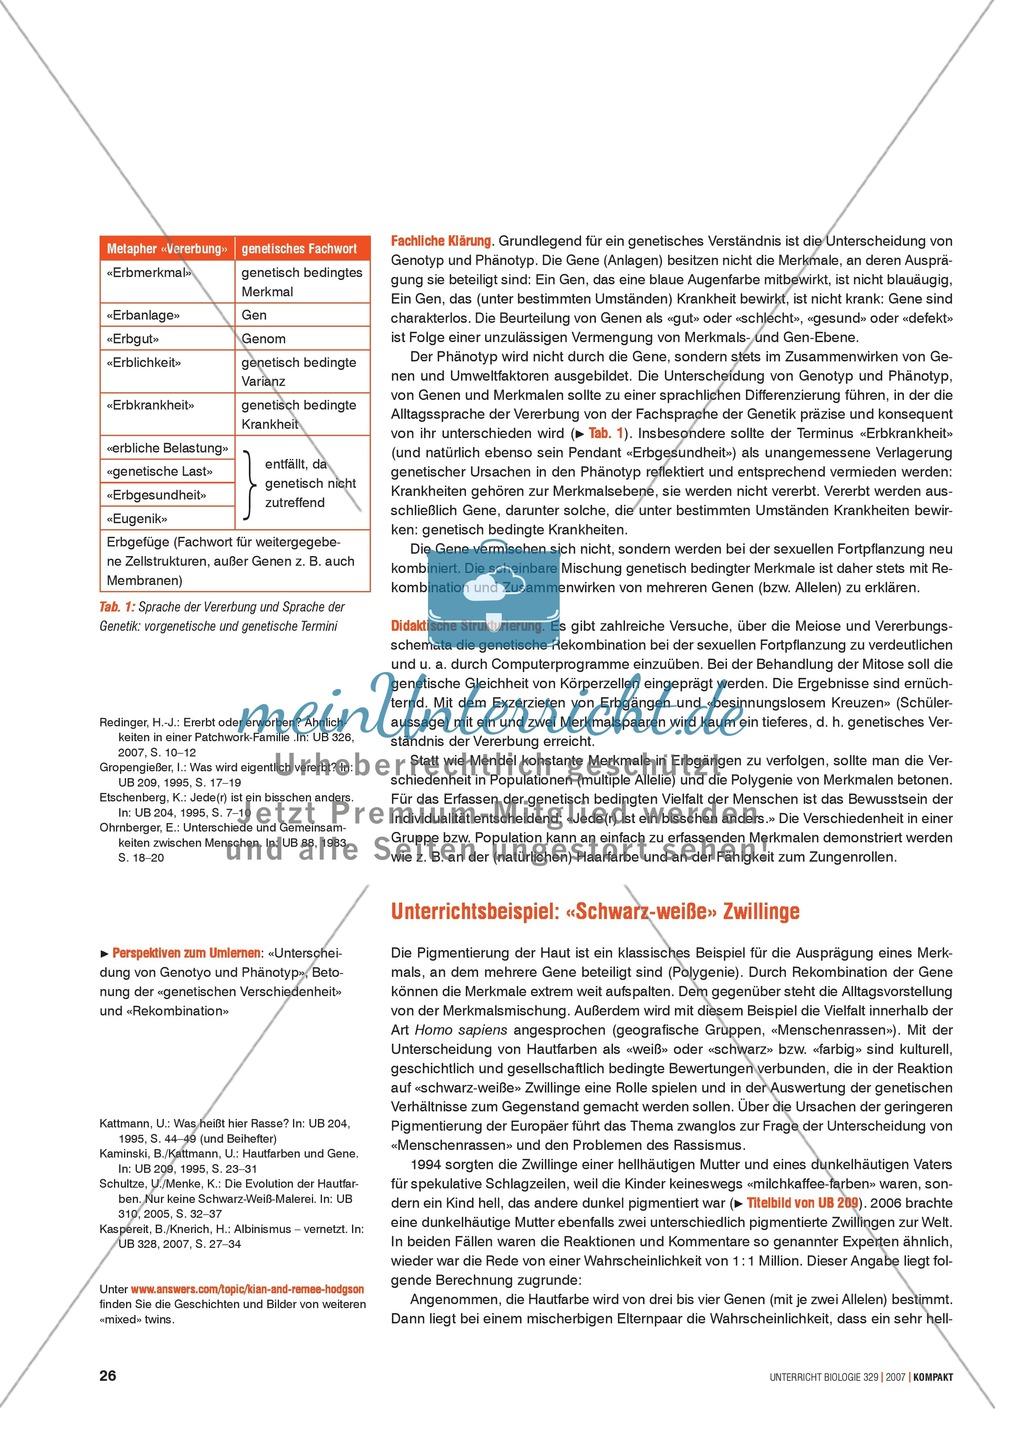 Alltagsvorstellungen zur Genetik - Gene, Merkmale und Rekombination: Info-Text und Aufgaben Preview 2